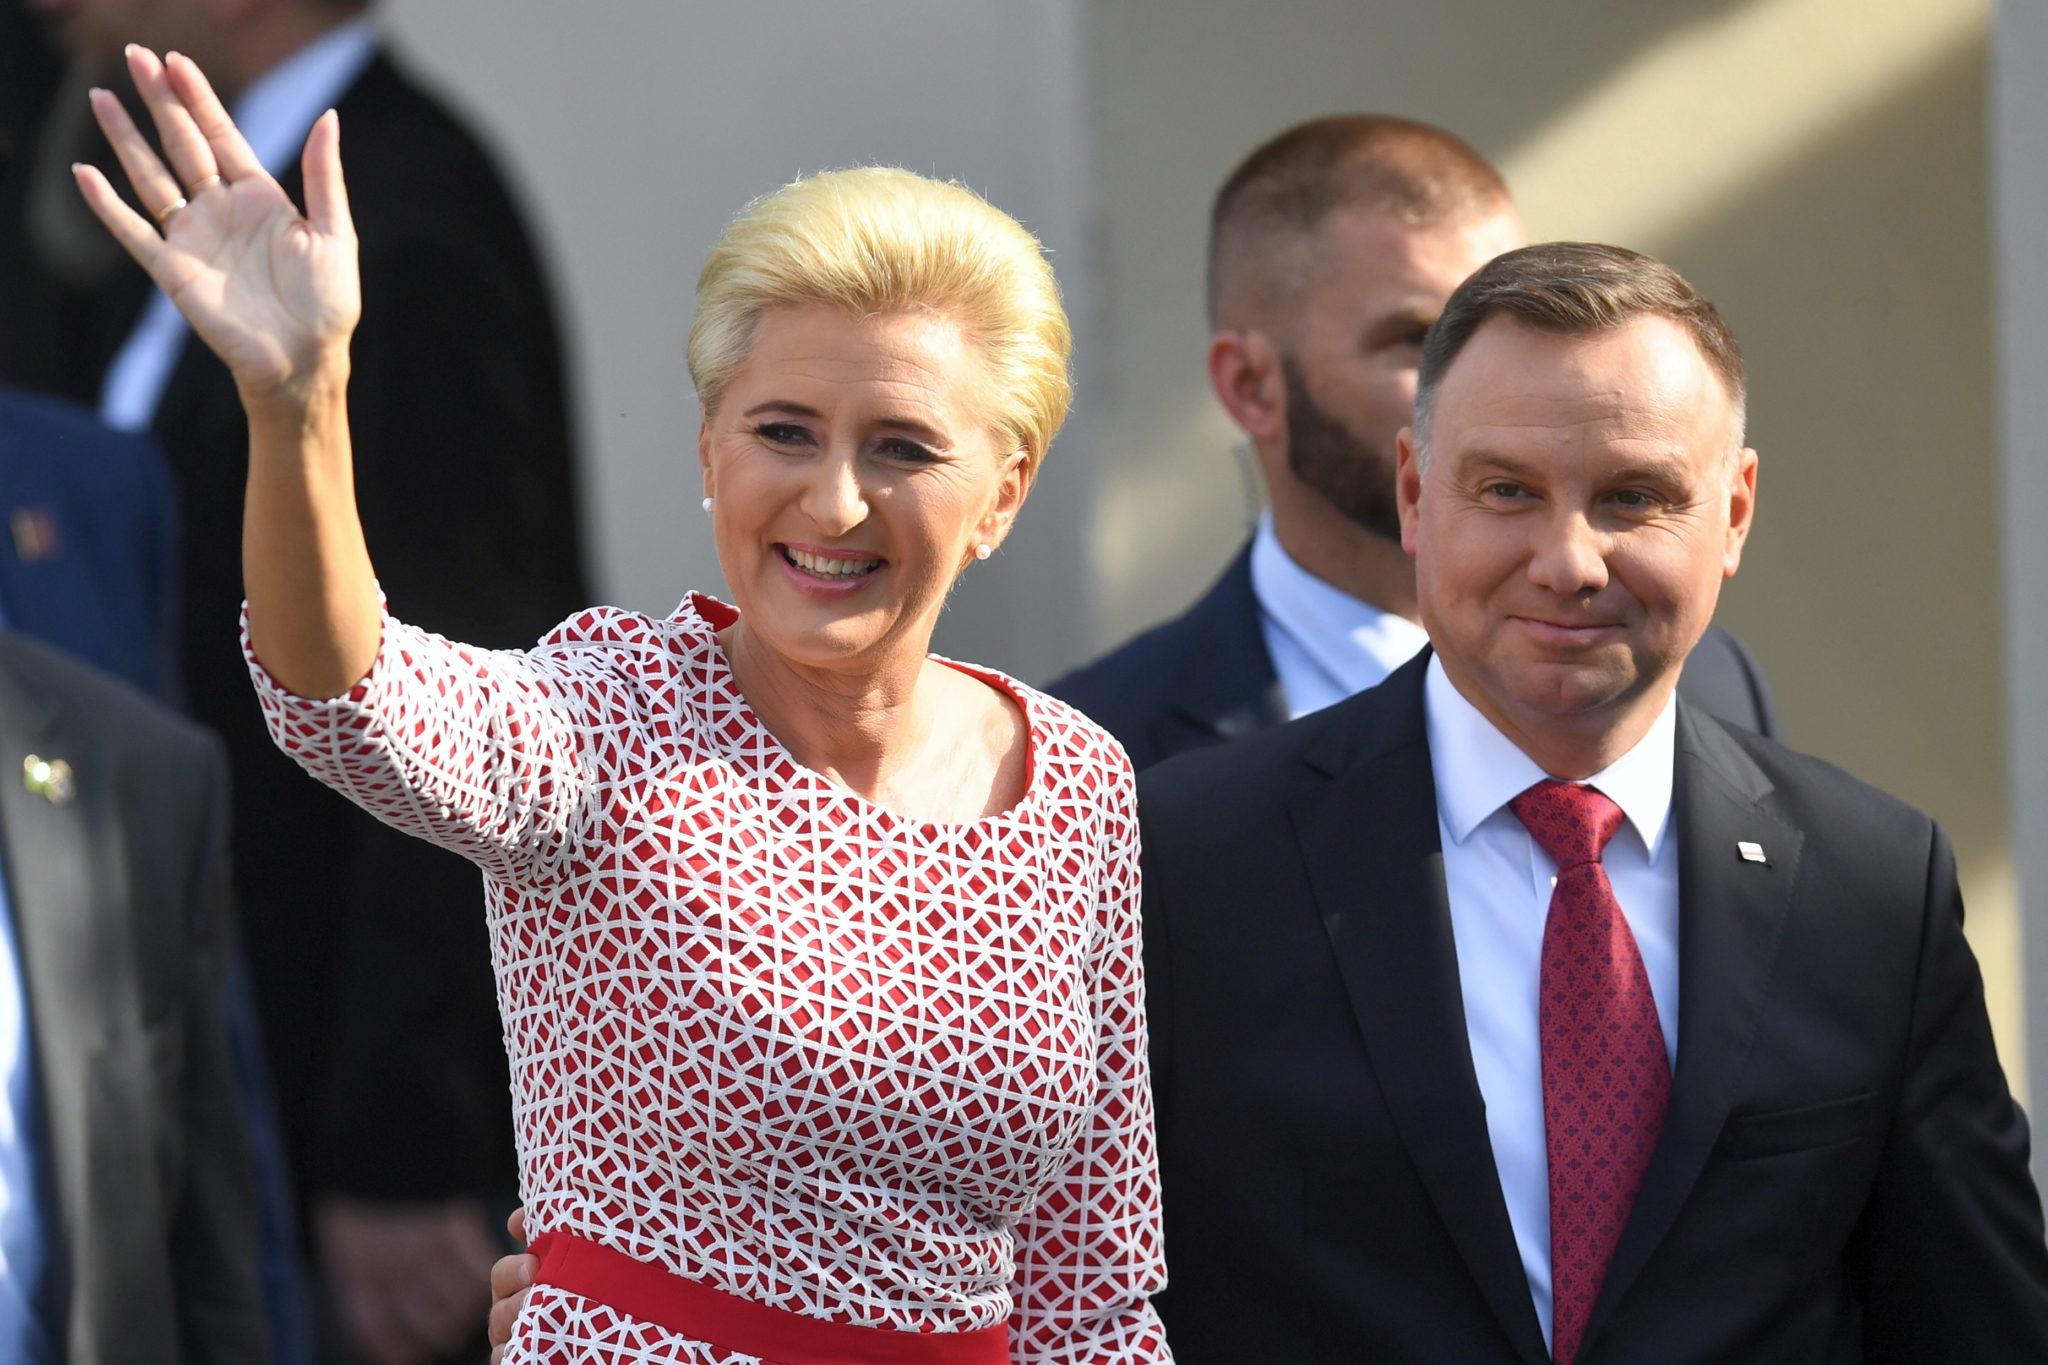 USA: Prezydent Andrzej Duda  i pierwsza dama wzięli udział w spotkaniu z Polonią, jutro prezydent weźmie udział w debacie generalnej 74. sesji Zgromadzenia Ogólnego ONZ, fot. Radek Pietruszka, PAP